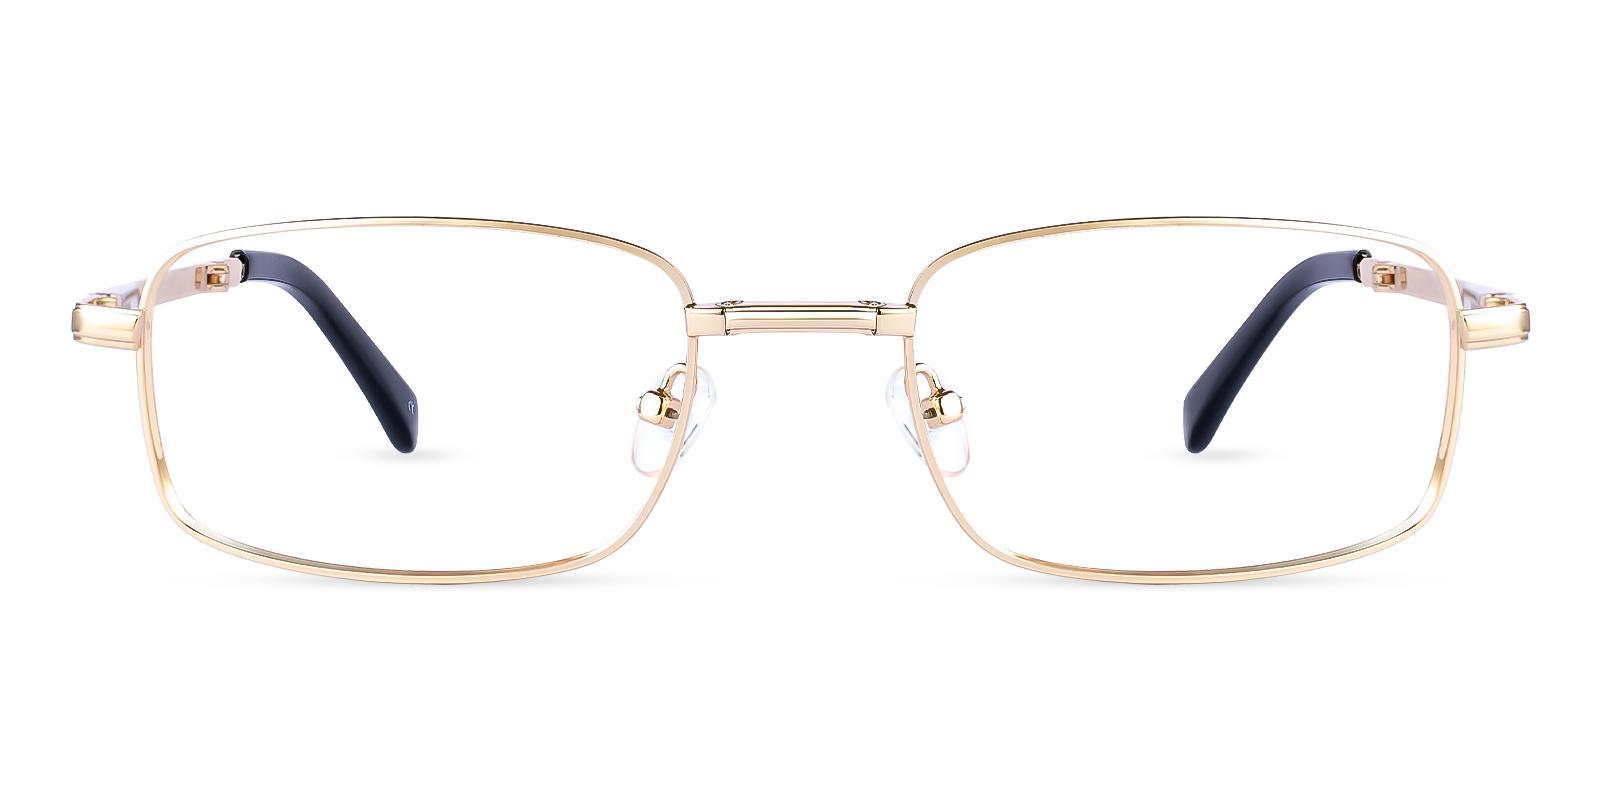 Sebastian Gold Metal Eyeglasses , Foldable , NosePads Frames from ABBE Glasses